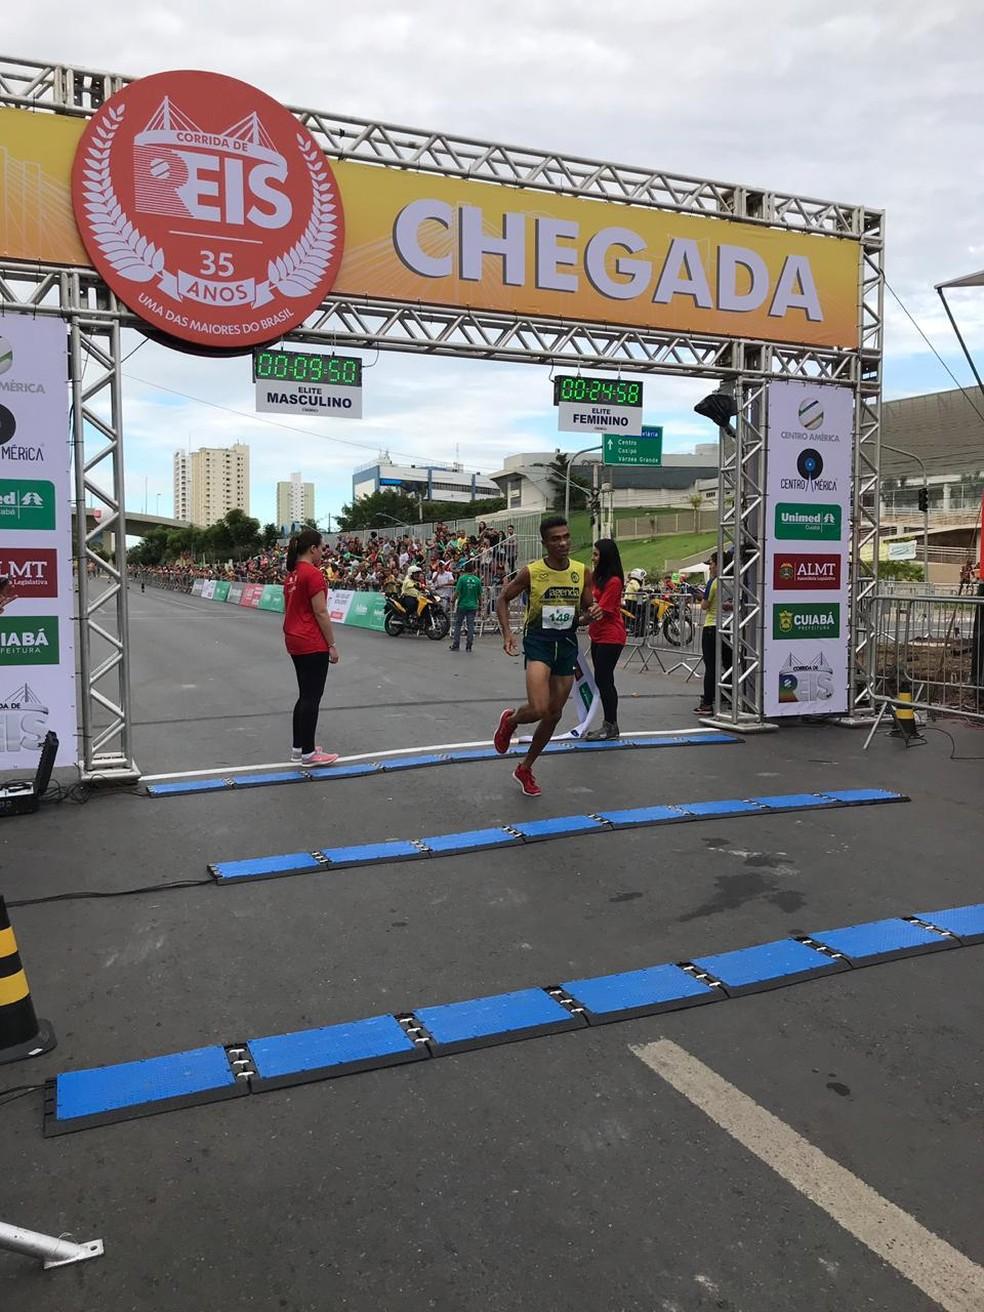 Manoel Leite, campeão da Corrida de Reis, na categoria PcD (Pessoas com Deficiência)  — Foto: André Souza/ G1